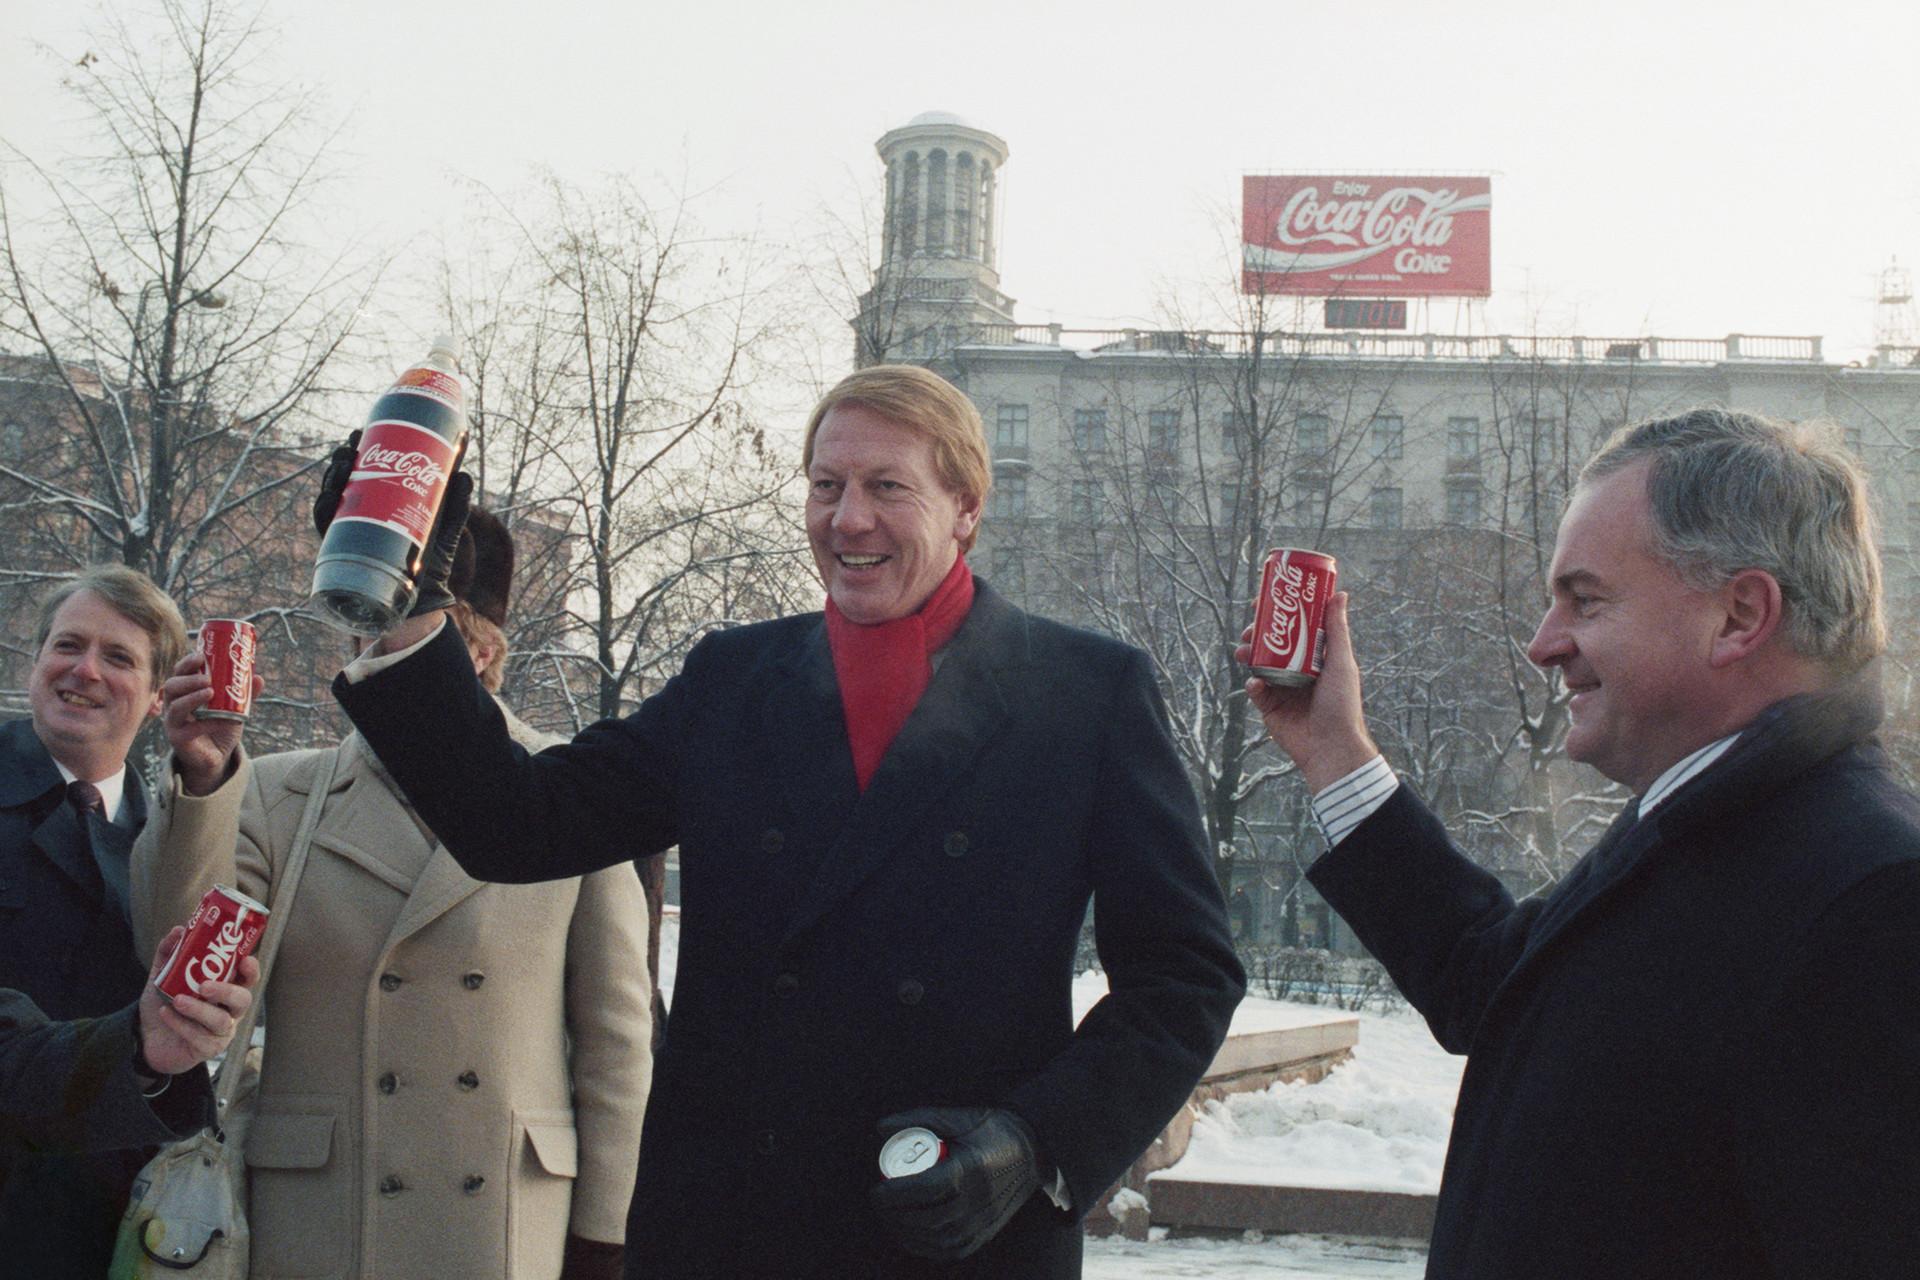 """Подпредседник америчке компаније """"Кока-Кола"""" Невил Издел за време презентације производа своје компаније. Москва. 1 децембар 1989 г."""